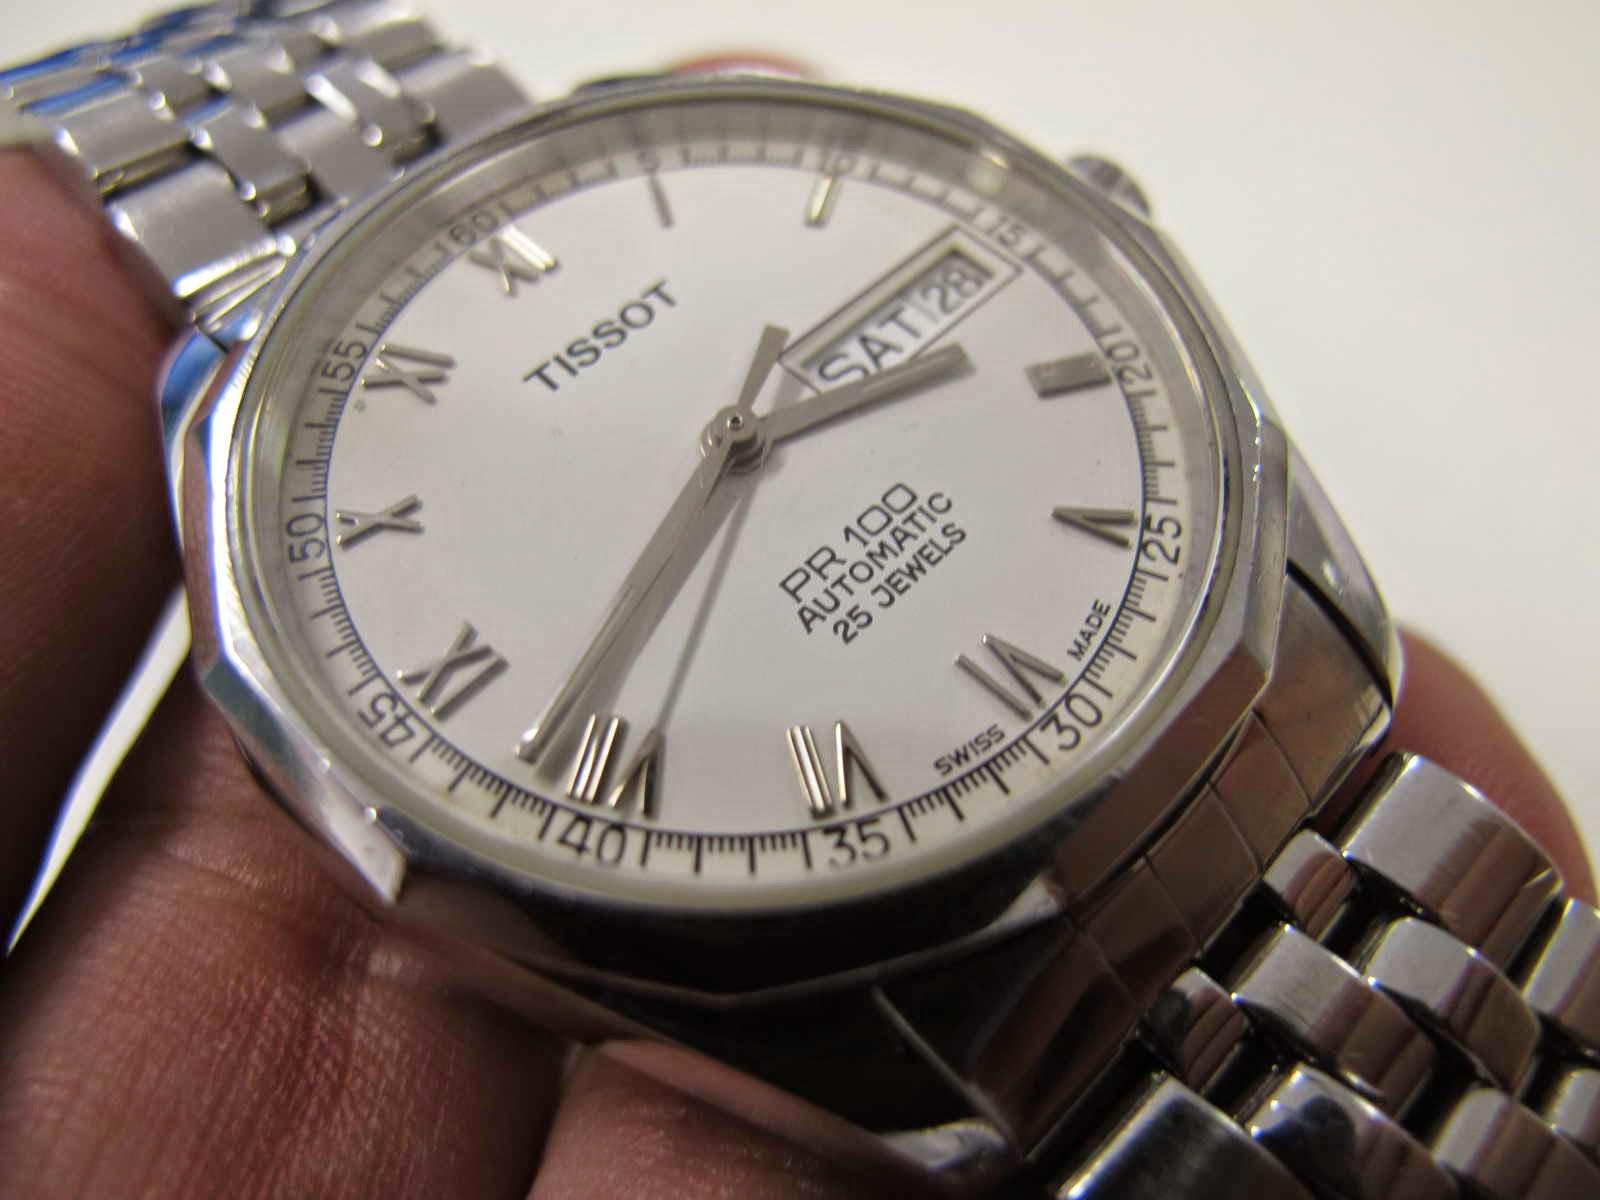 Cocok untuk Anda yang sedang mencari jam tangan Swiss made dial putih dengan harga terjangkau